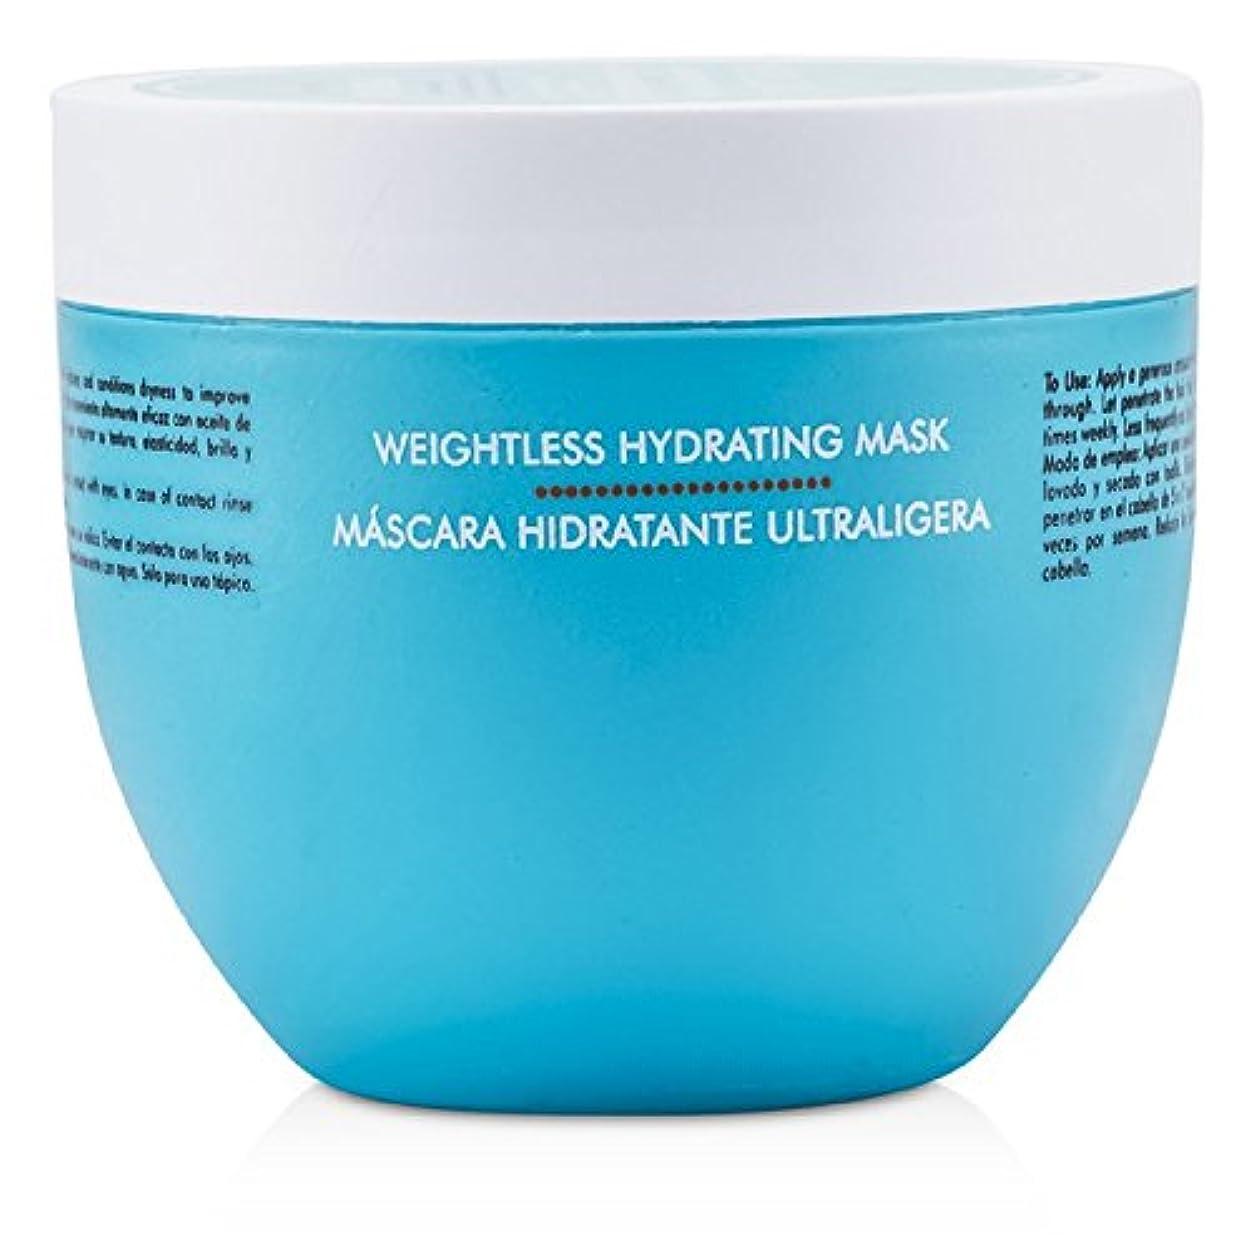 モロッカンオイル ウェイトレス ハイドレーティング マスク (細く乾燥した髪用) 500ml/16.9oz並行輸入品